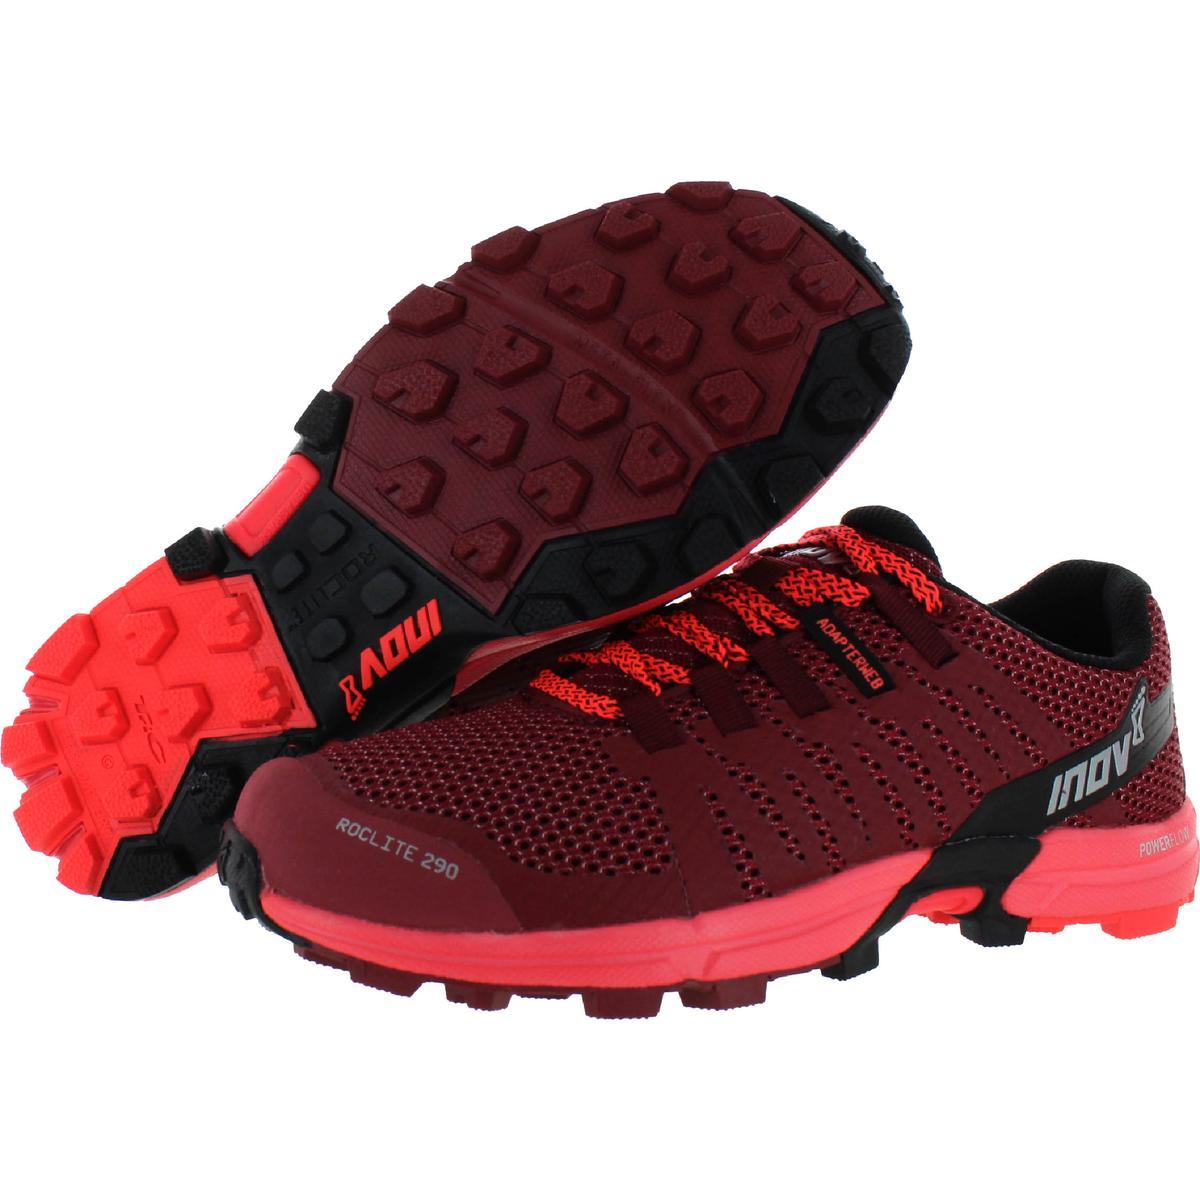 Inov-8-Womens-RocLite-290-Mesh-PowerFlow-Trail-Running-Shoes-Sneakers-BHFO-4522 thumbnail 6